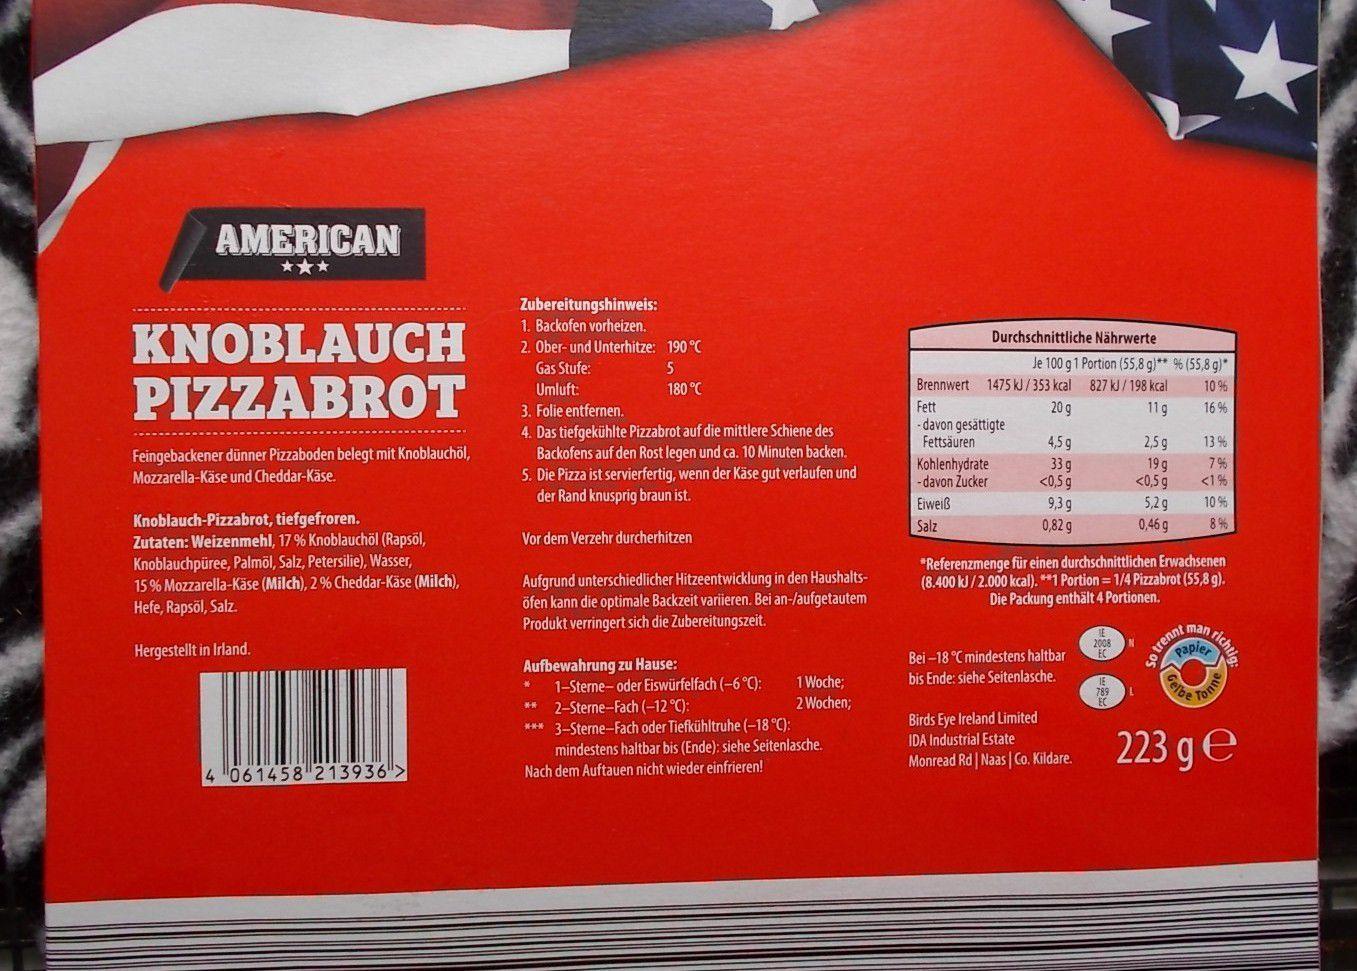 Aldi American Knoblauch Pizzabrot